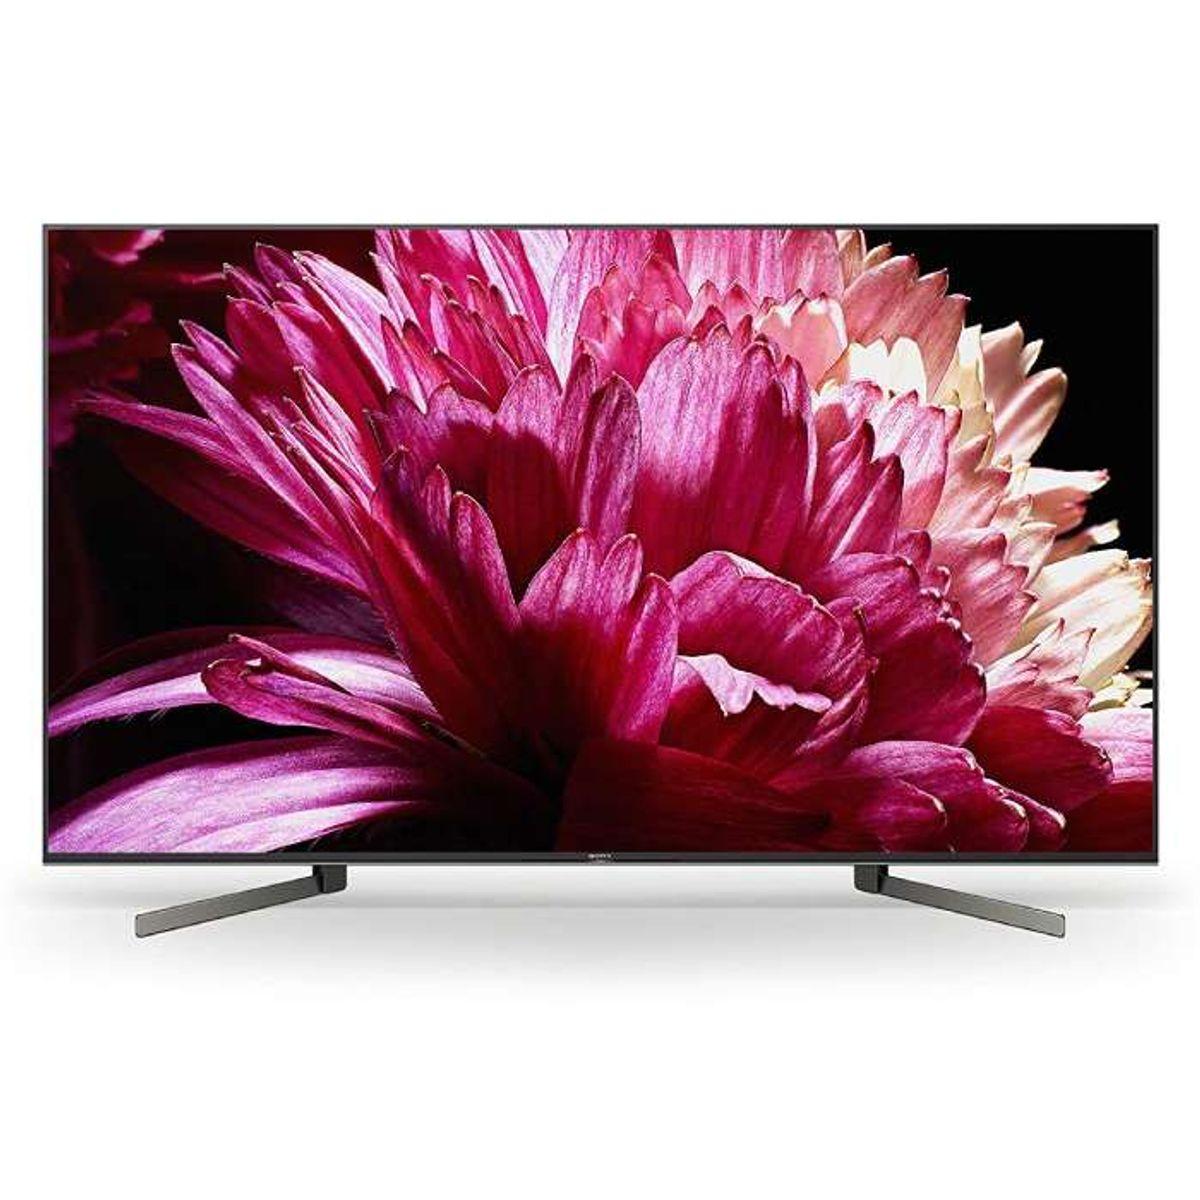 ಸೋನ Bravia 65 ಇಂಚುಗಳು 4K Ultra HD ಆ್ಯಂಡ್ರಾಯ್ಡ್ LED TV KD-65X9500G